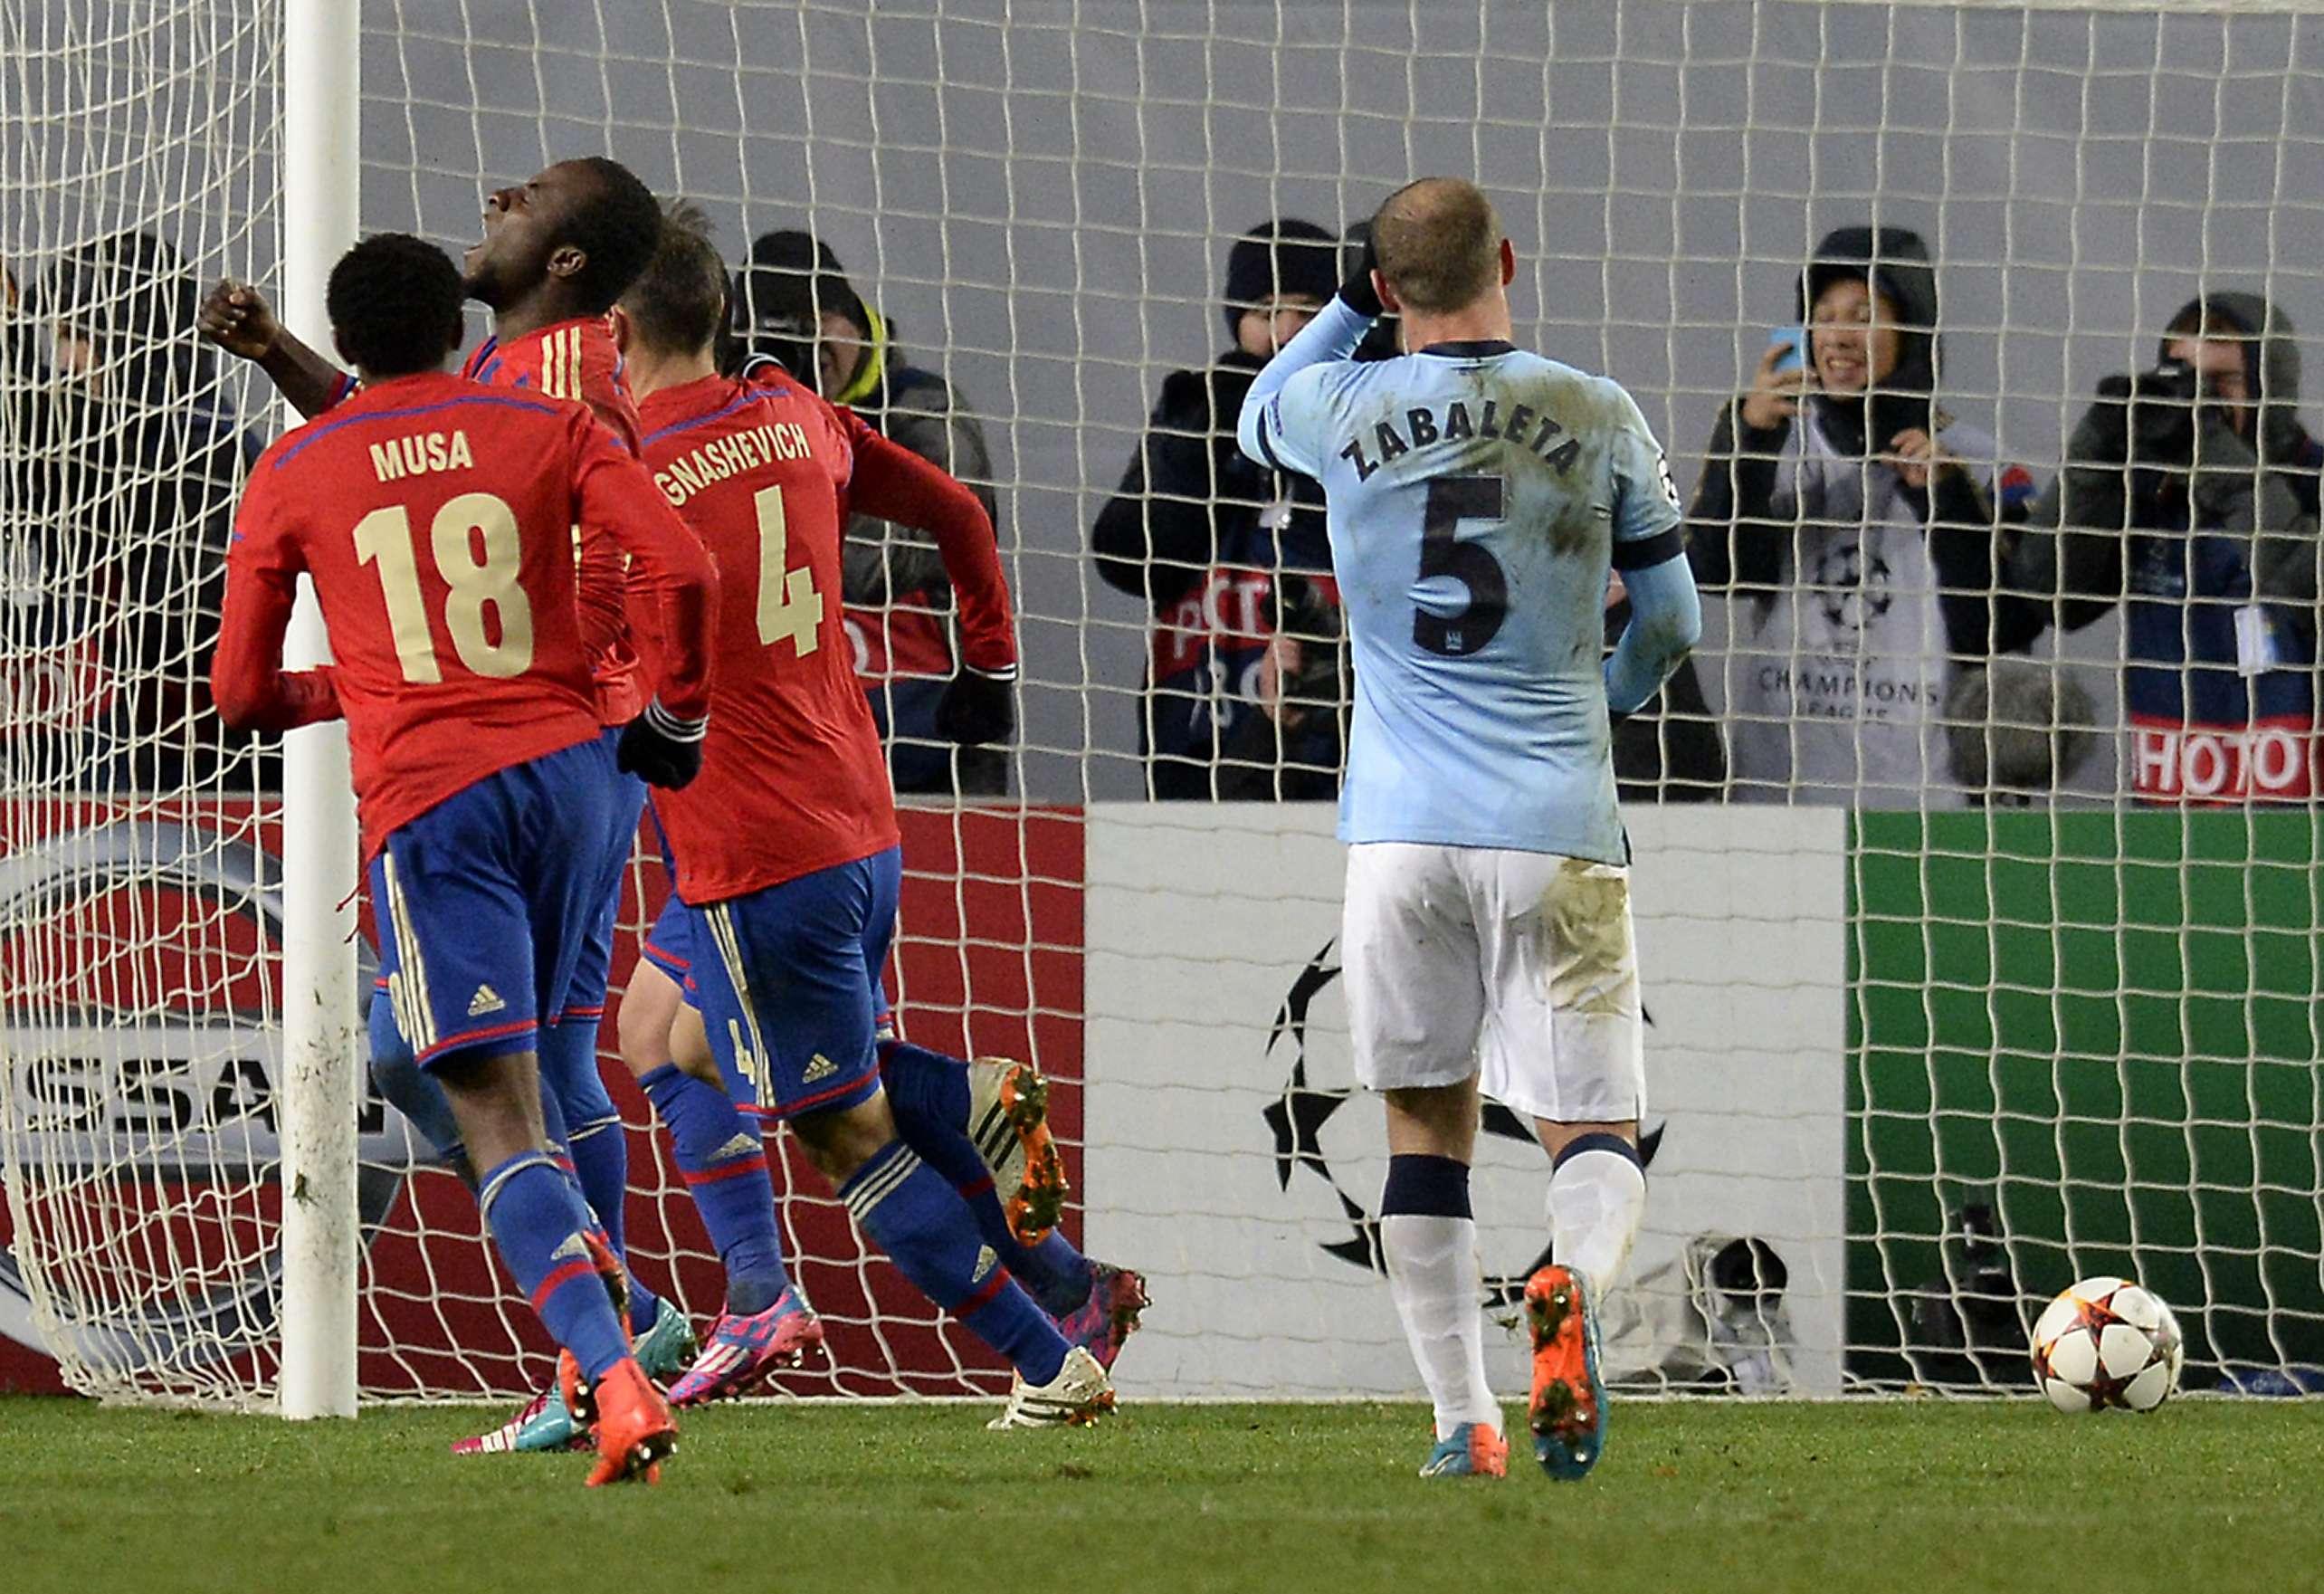 El Manchester City no pudo mantener su ventaja de dos goles sobre el CSKA Moscú como visitante en la en la Arena Khimki, y al final tuvo que conformarse con un empate de 2-2, en duelo correspondiente al Grupo E de la Champions League. Los anotadores fueron Sergio Agüero al 29 y James Milner al 38; por los locales anotaron Seydou Doumbia al 65 y Bebras Natcho de penal al 86. Foto: AFP